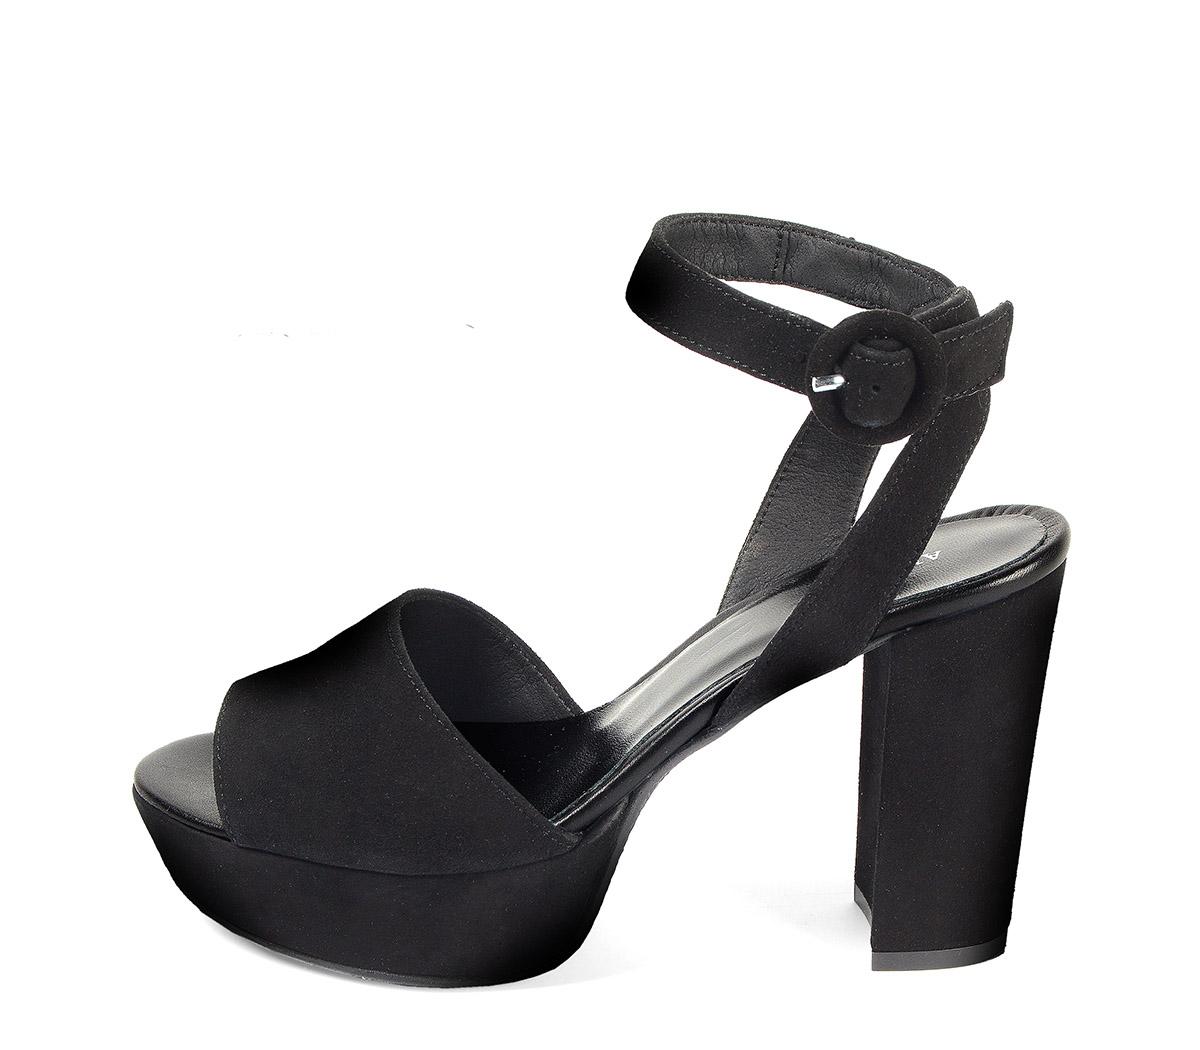 Ref: 3848 Sandalia ante negro con pala lisa y pulsera al tobillo con hebilla forrada al tono. Altura tacón 10.5 cm y plataforma delantera de 3.5 cm